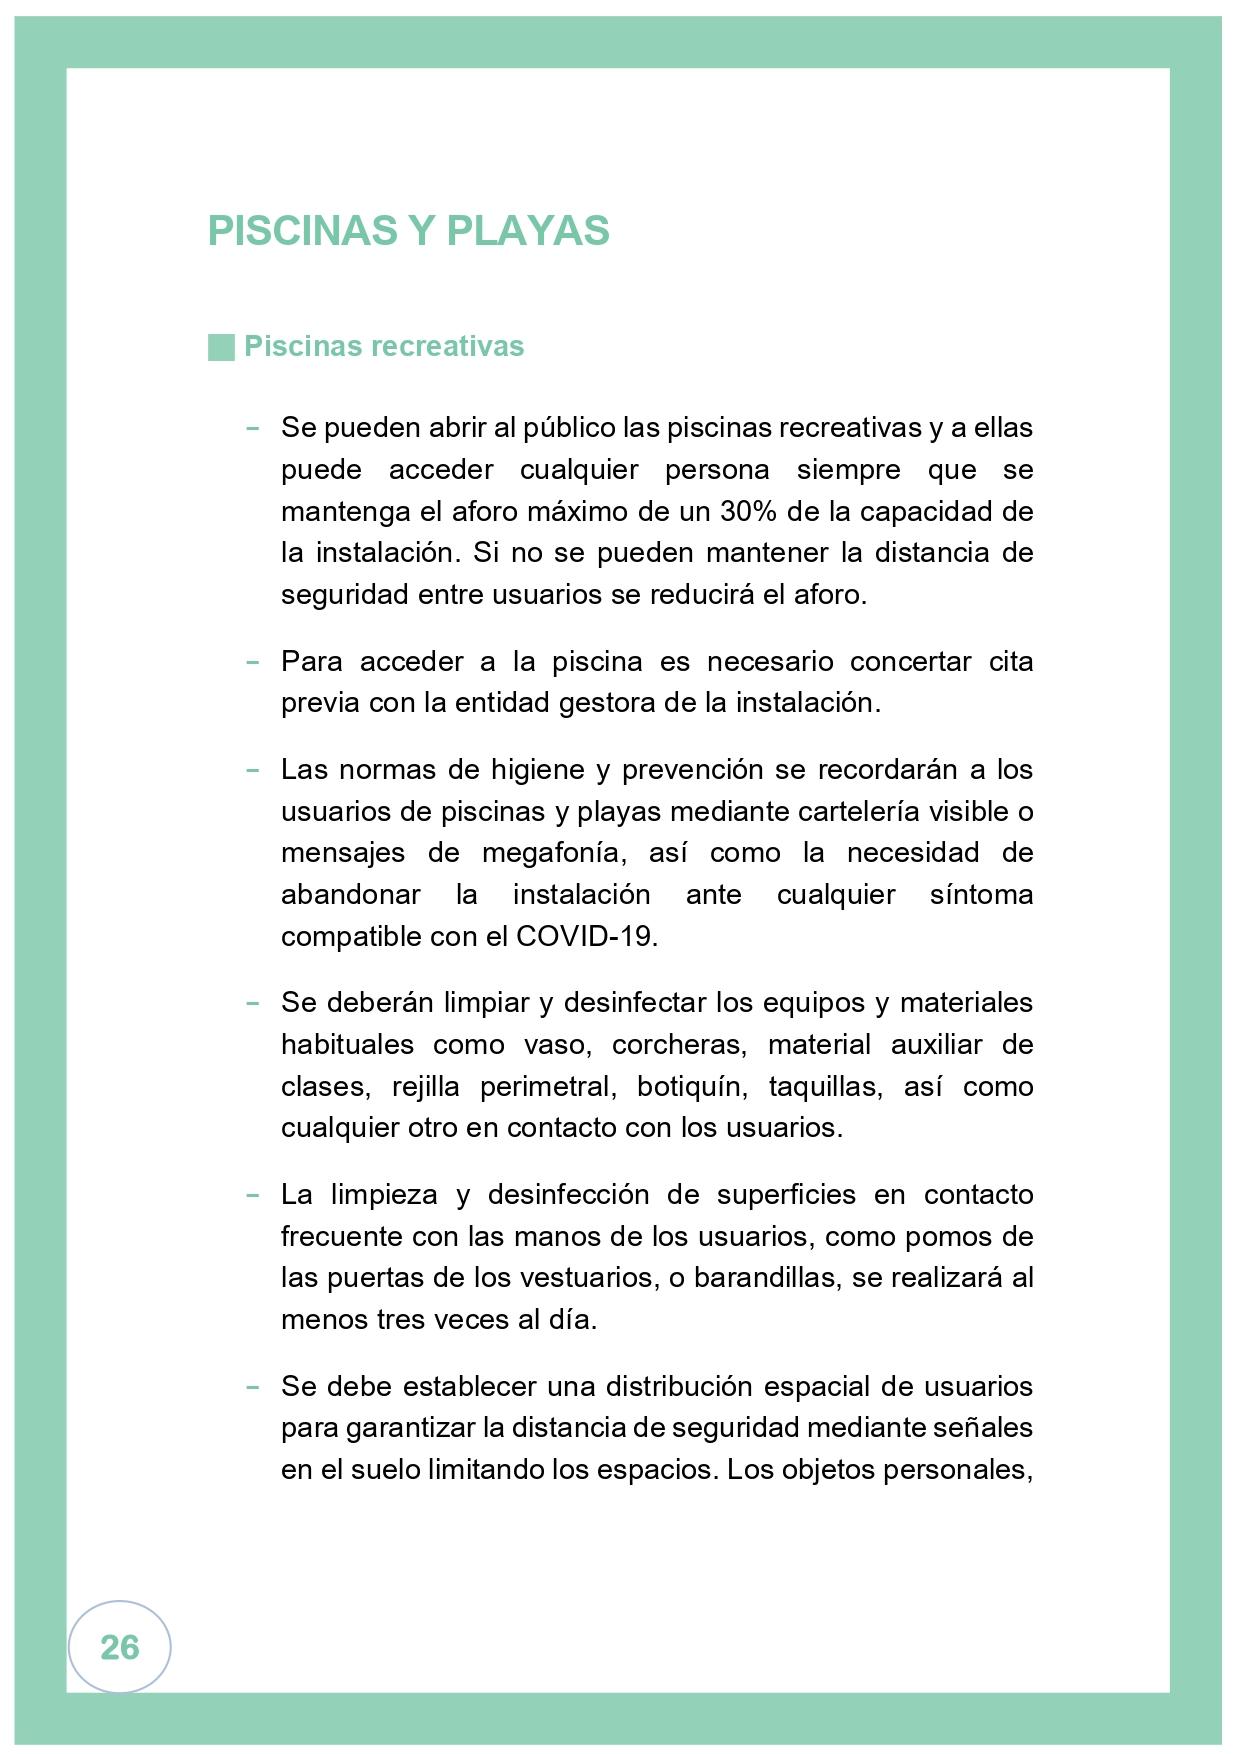 El gobierno oficializa que el Bierzo y Laciana pasan a la fase 2 el lunes 1 de junio 29